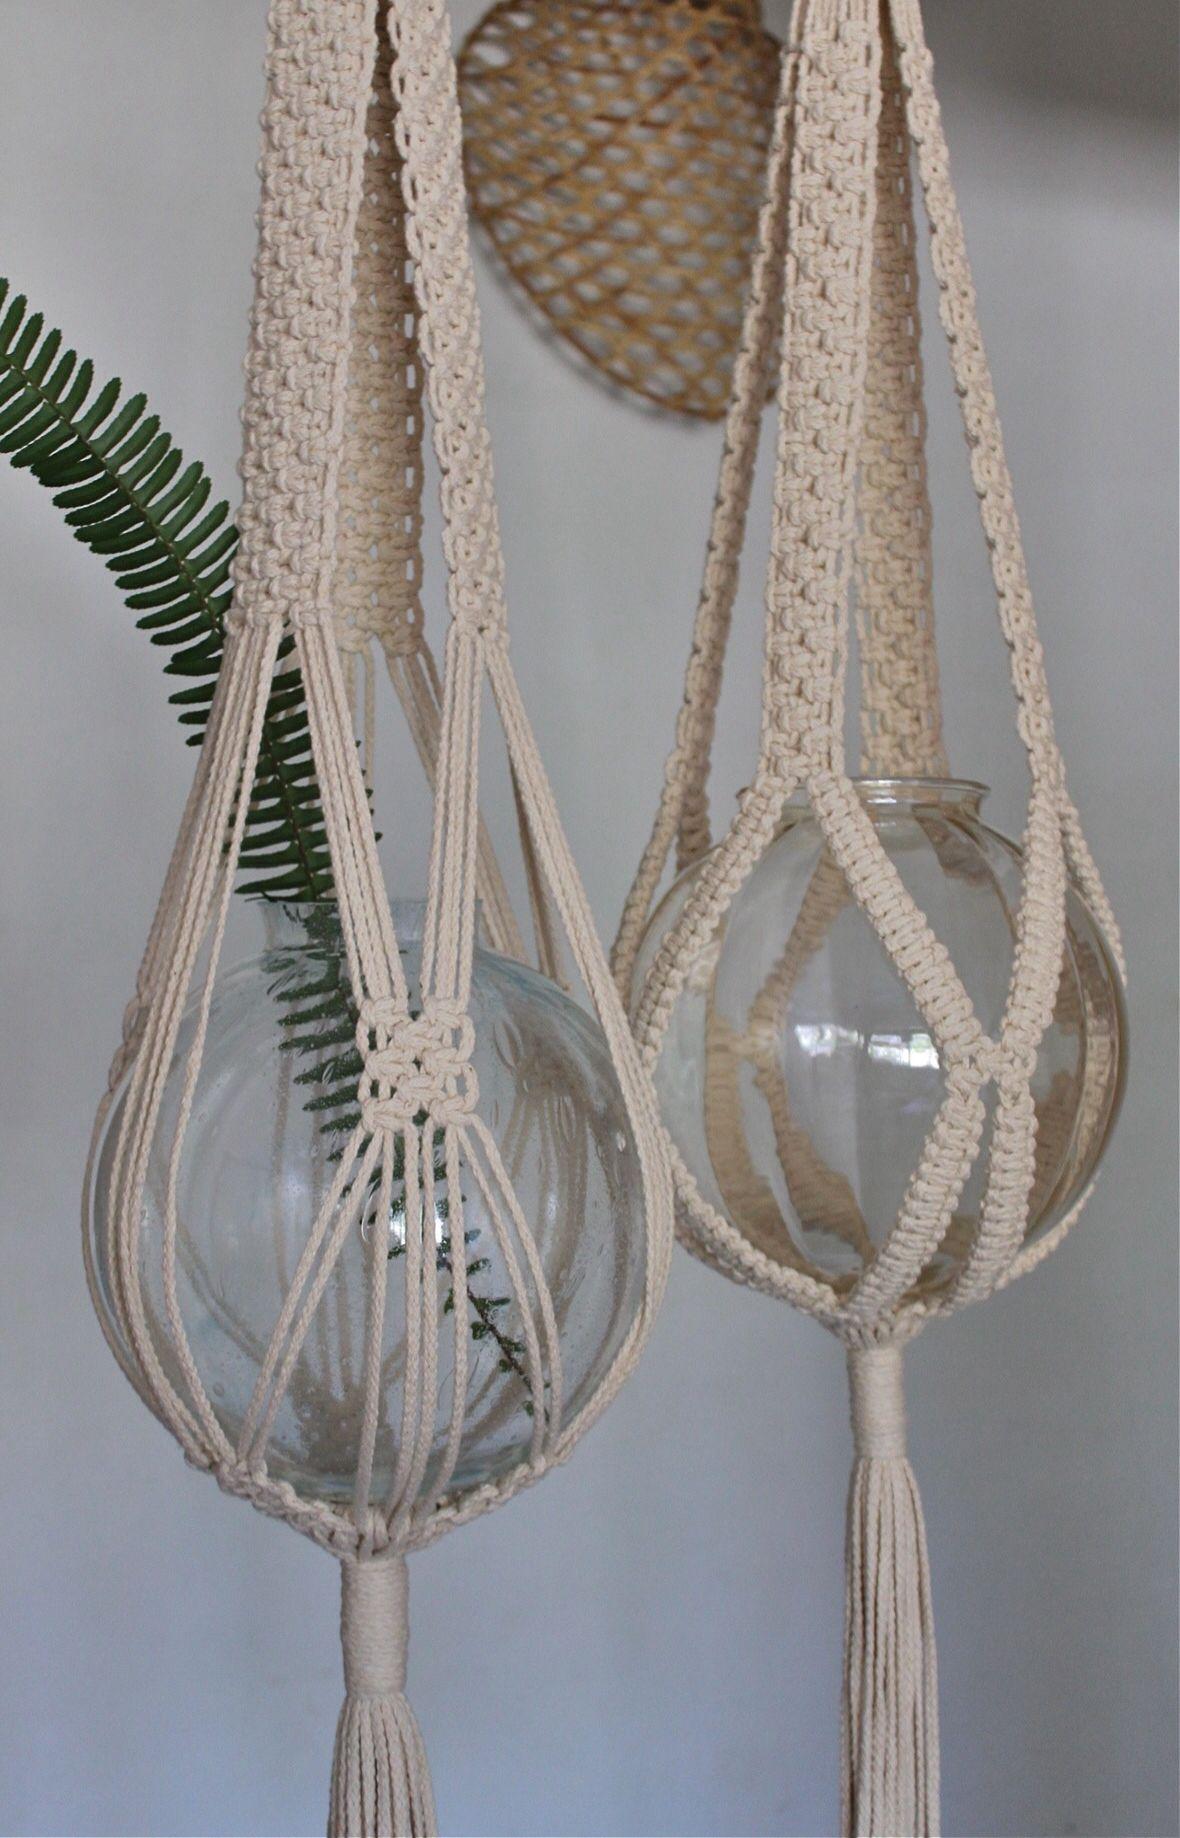 EdenEve Macrame | LET'S CREATE | Pinterest | Plant hangers ...